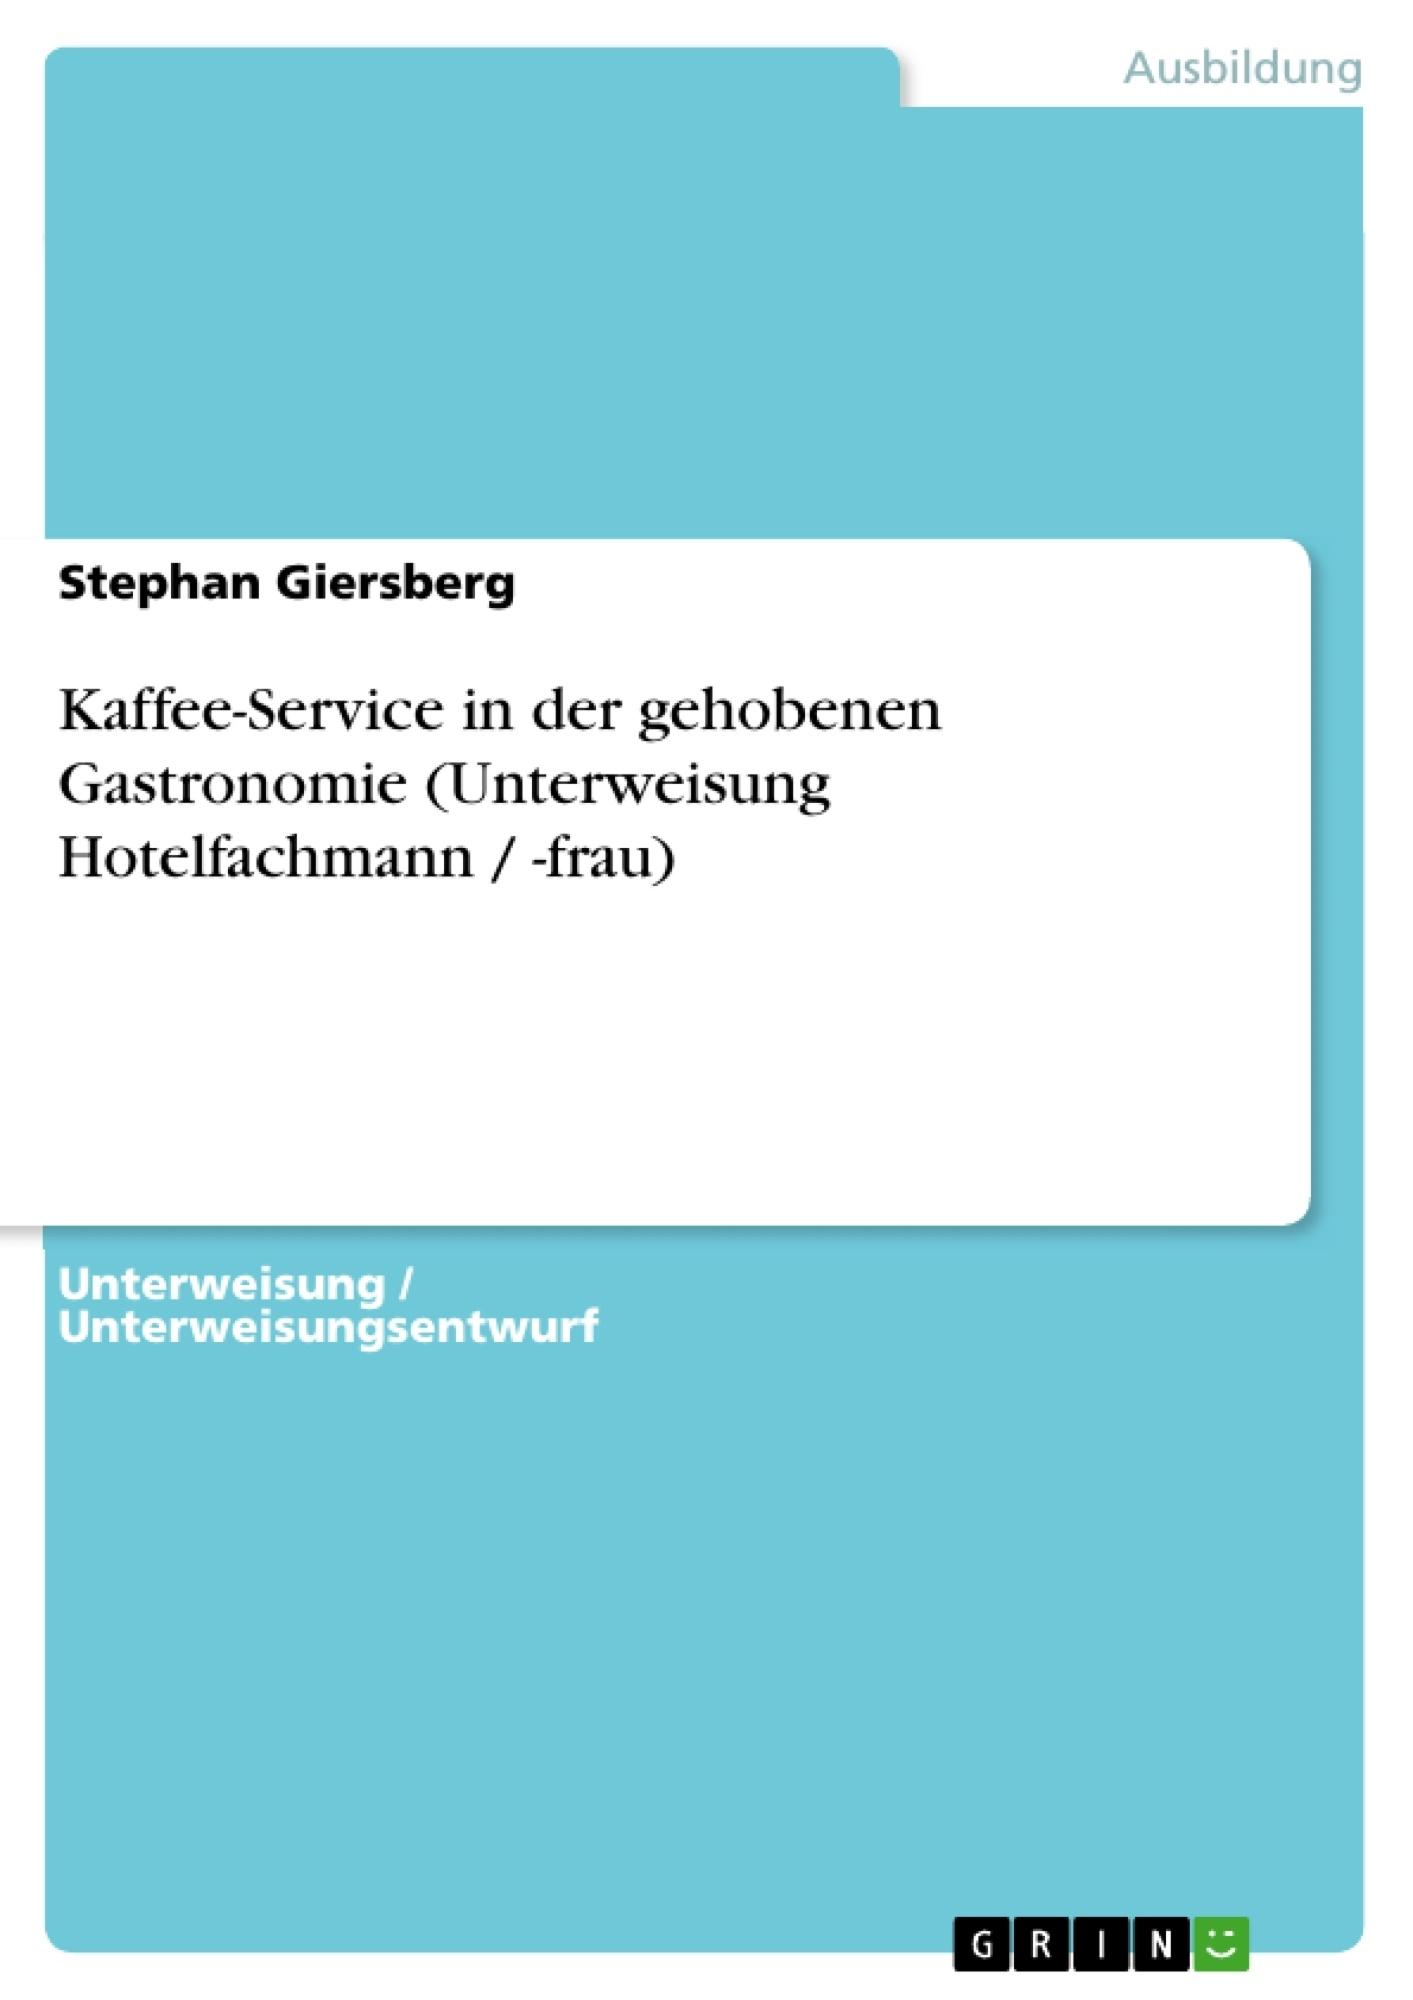 Titel: Kaffee-Service in der gehobenen Gastronomie (Unterweisung Hotelfachmann / -frau)